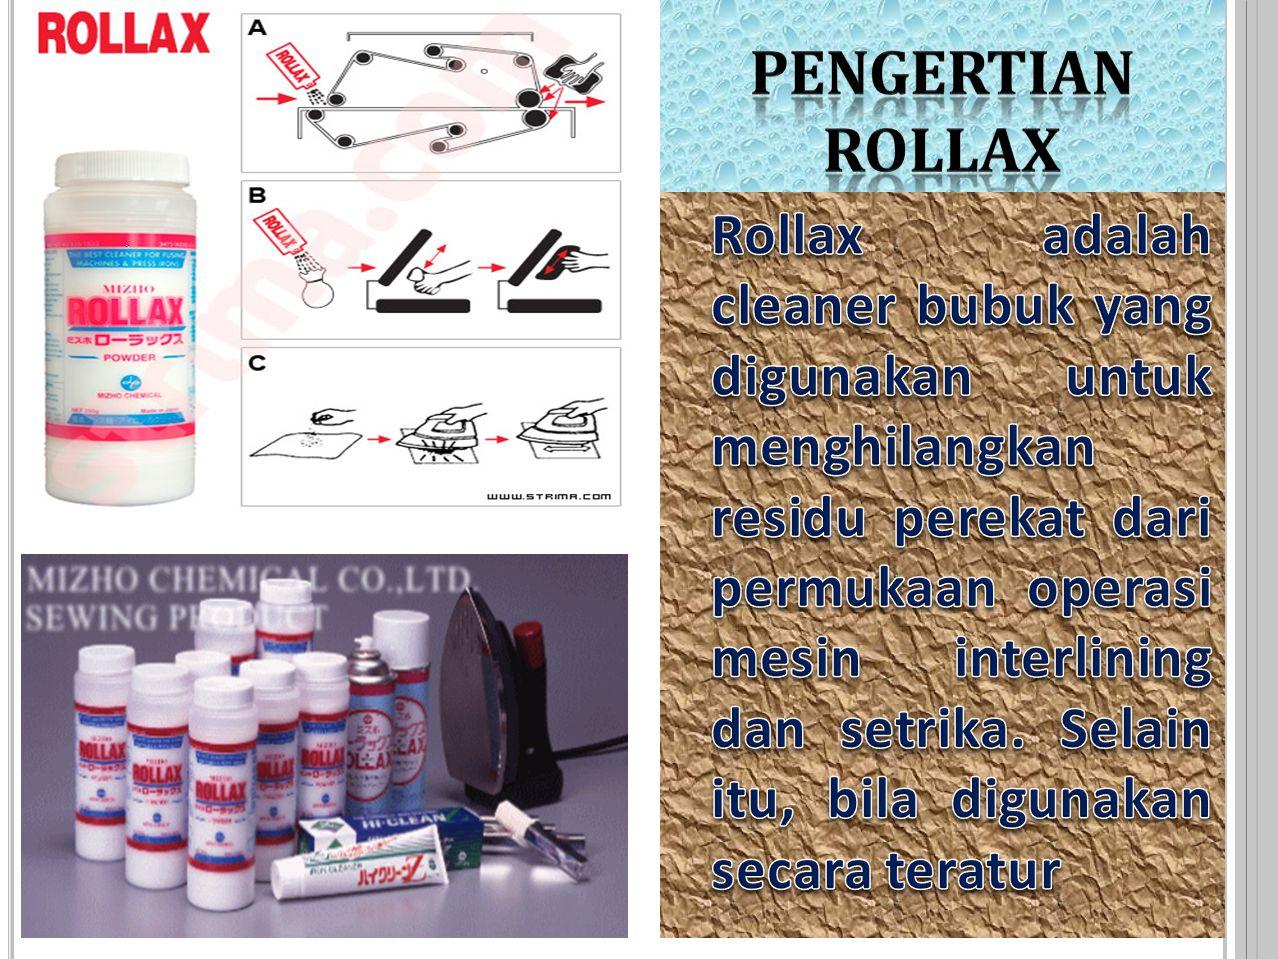 PENGERTIAN ROLLAX